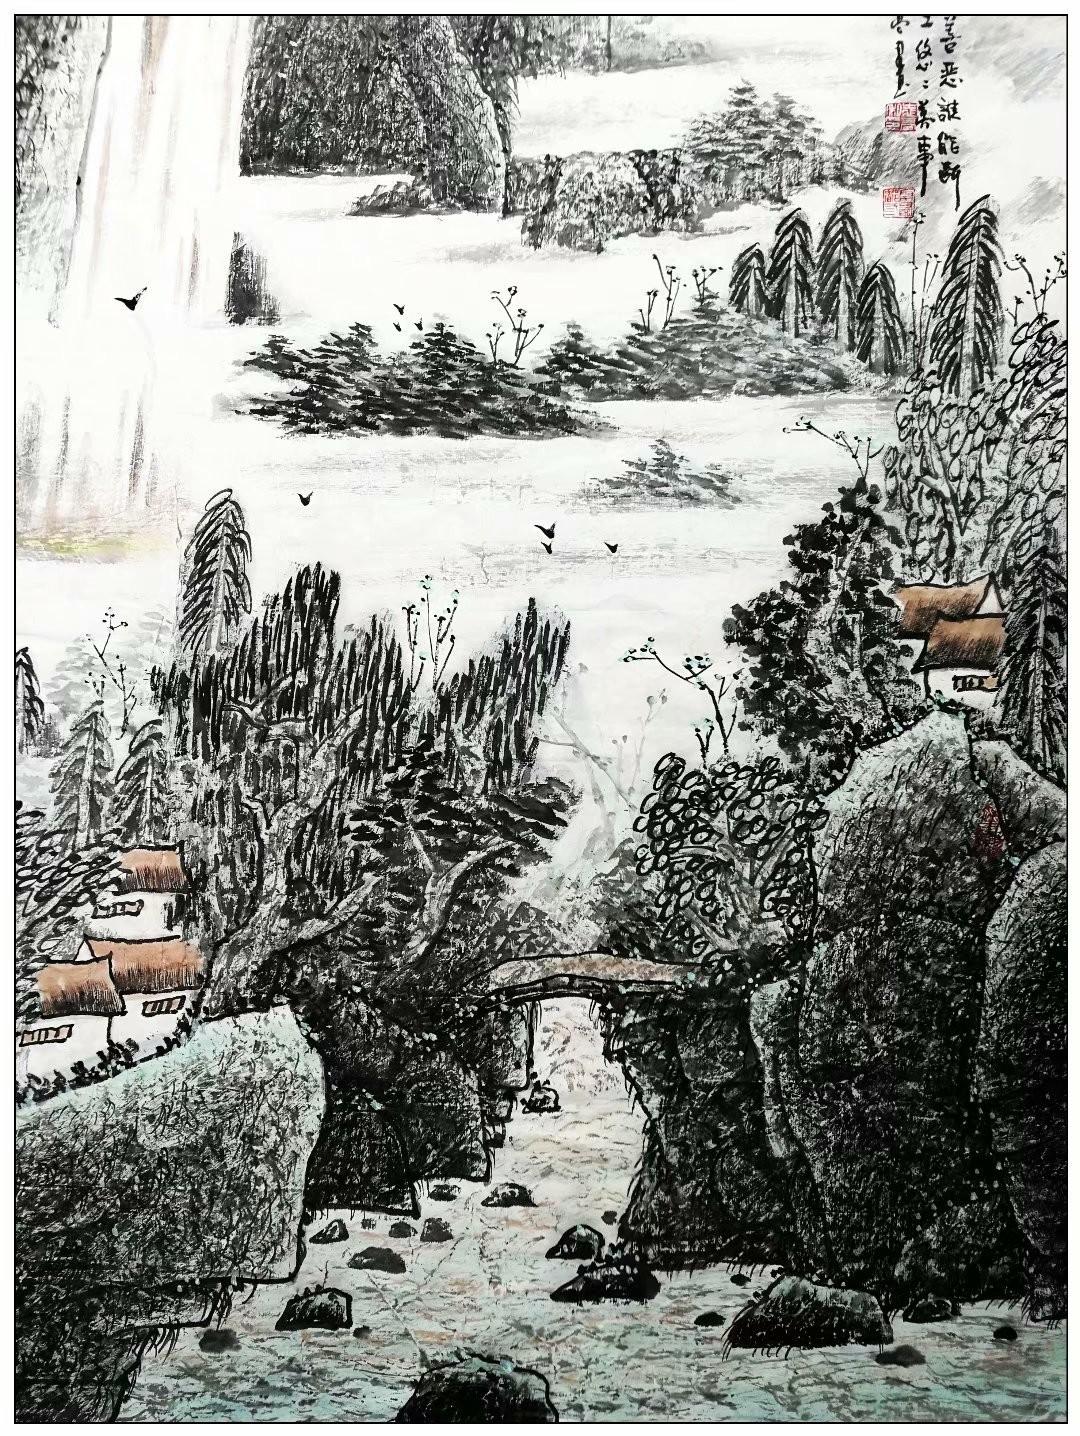 庆祝中国共产党成立100周年---牛志高山水画【220CMX150CM】2021.03.31 ..._图1-4